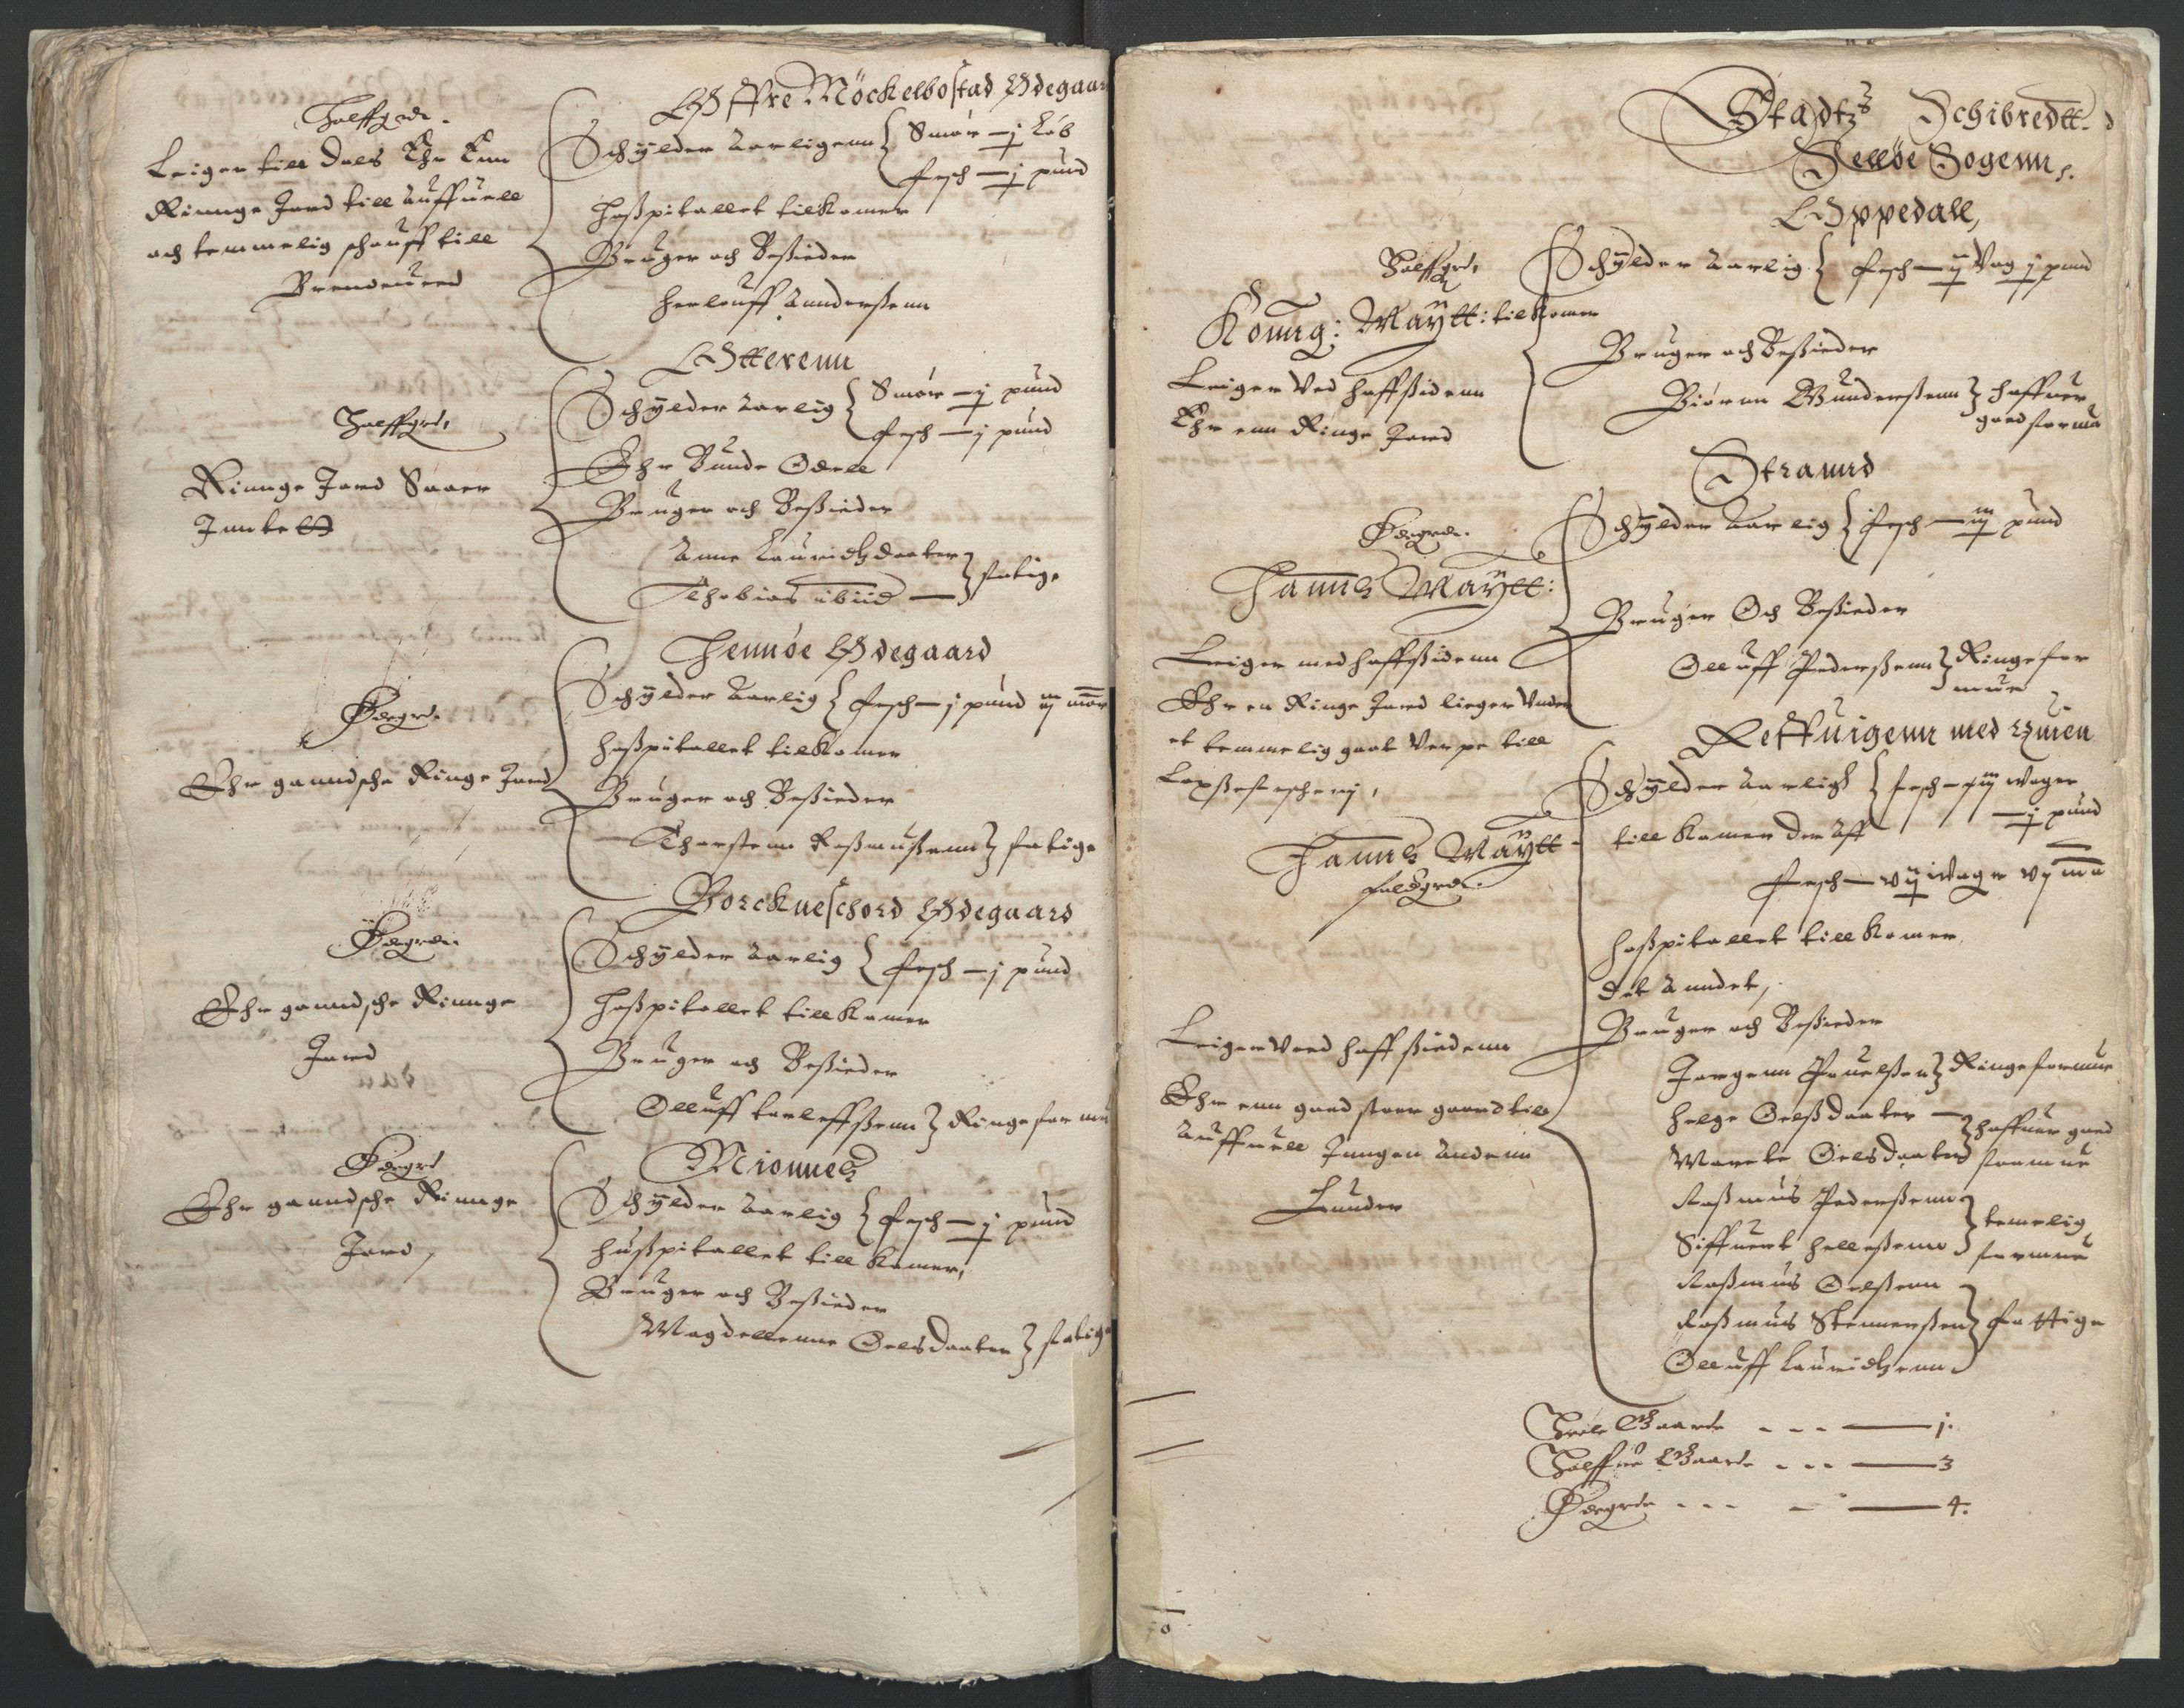 RA, Stattholderembetet 1572-1771, Ek/L0005: Jordebøker til utlikning av garnisonsskatt 1624-1626:, 1626, s. 123